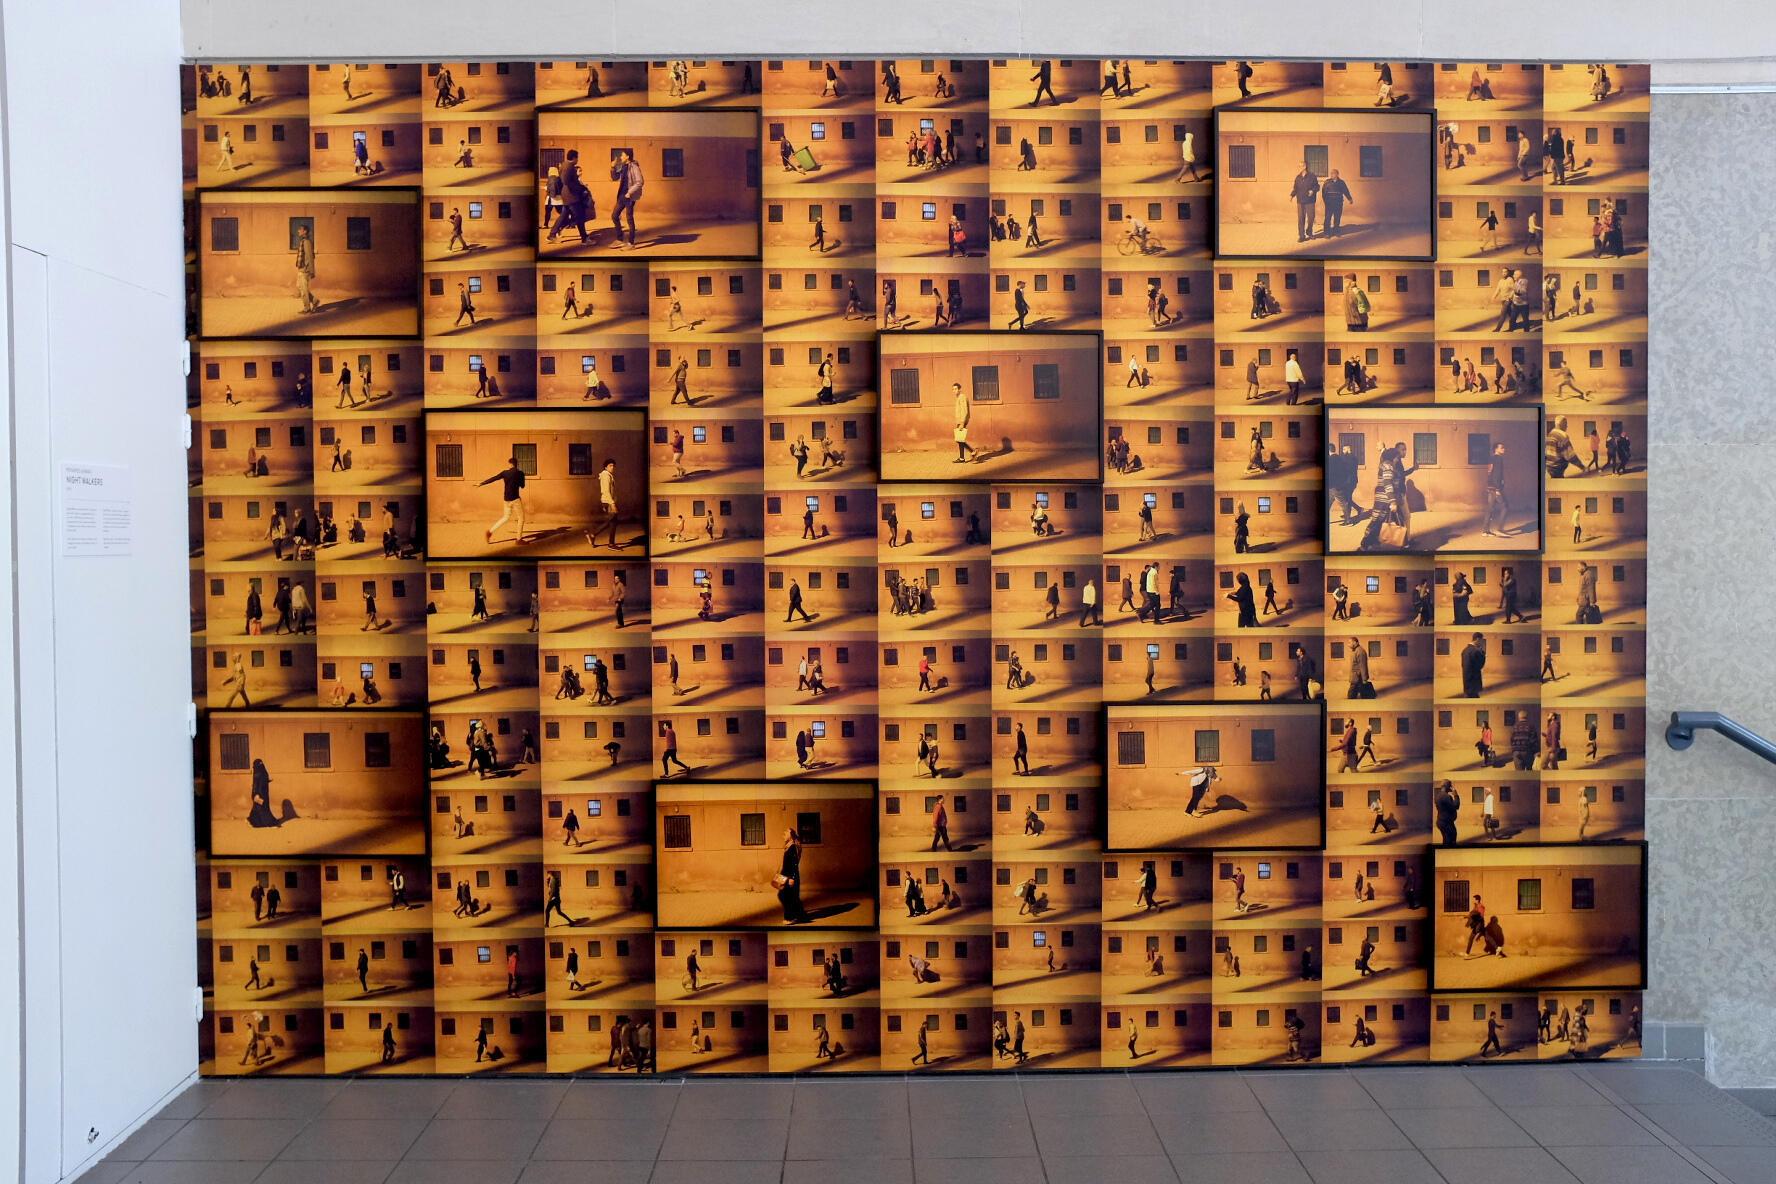 « Night Walkers », photographies de Mohamed Anwar ; prise de vue dans l'exposition « Hakawi » à la Cité internationale des arts, Paris.